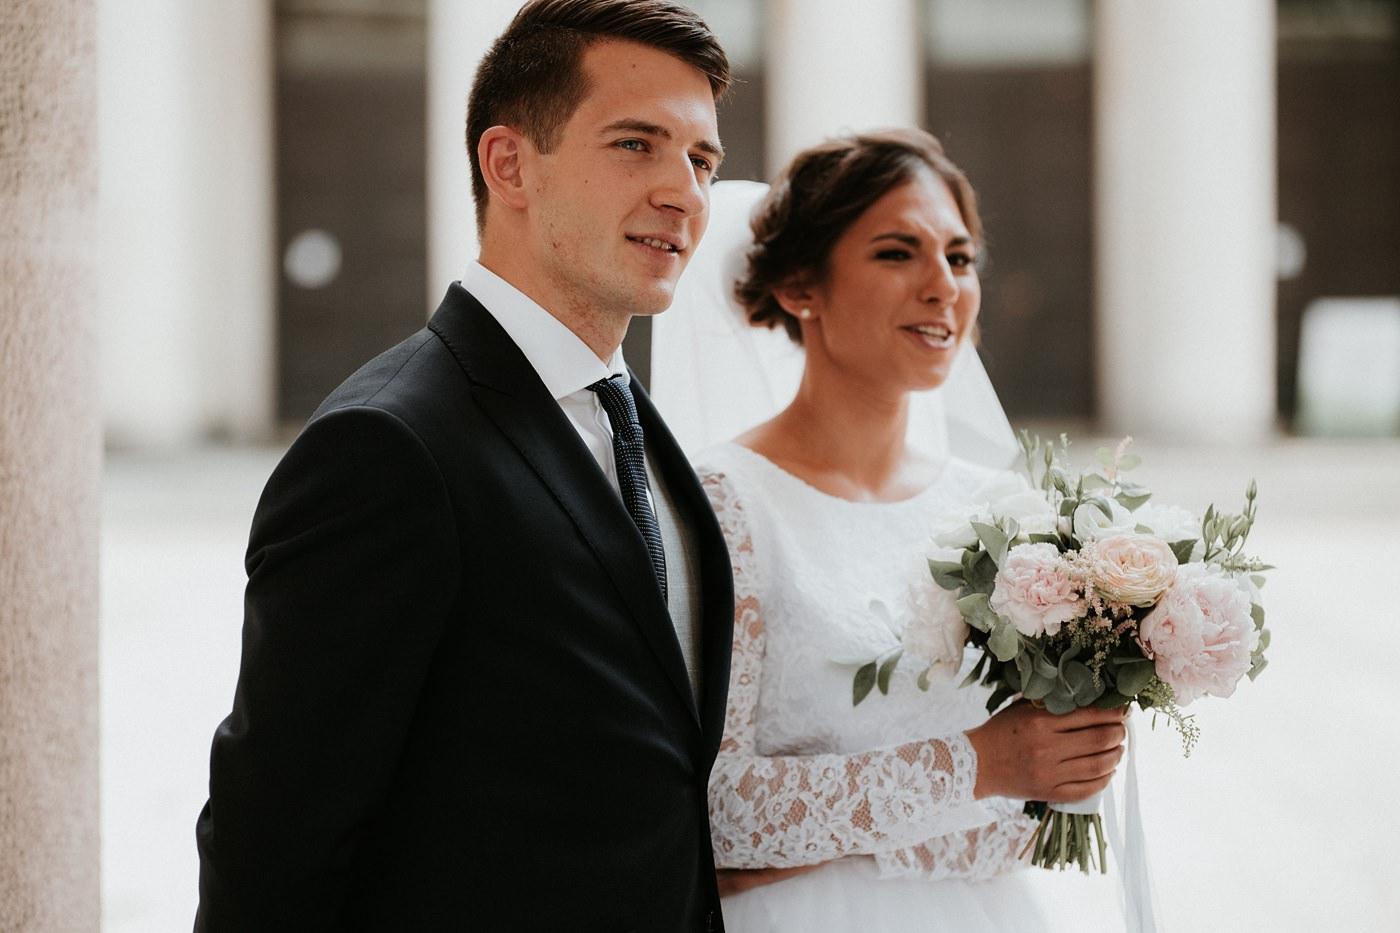 Dominika & Aleksander - Rustykalne wesele w stodole - Baborówko 37